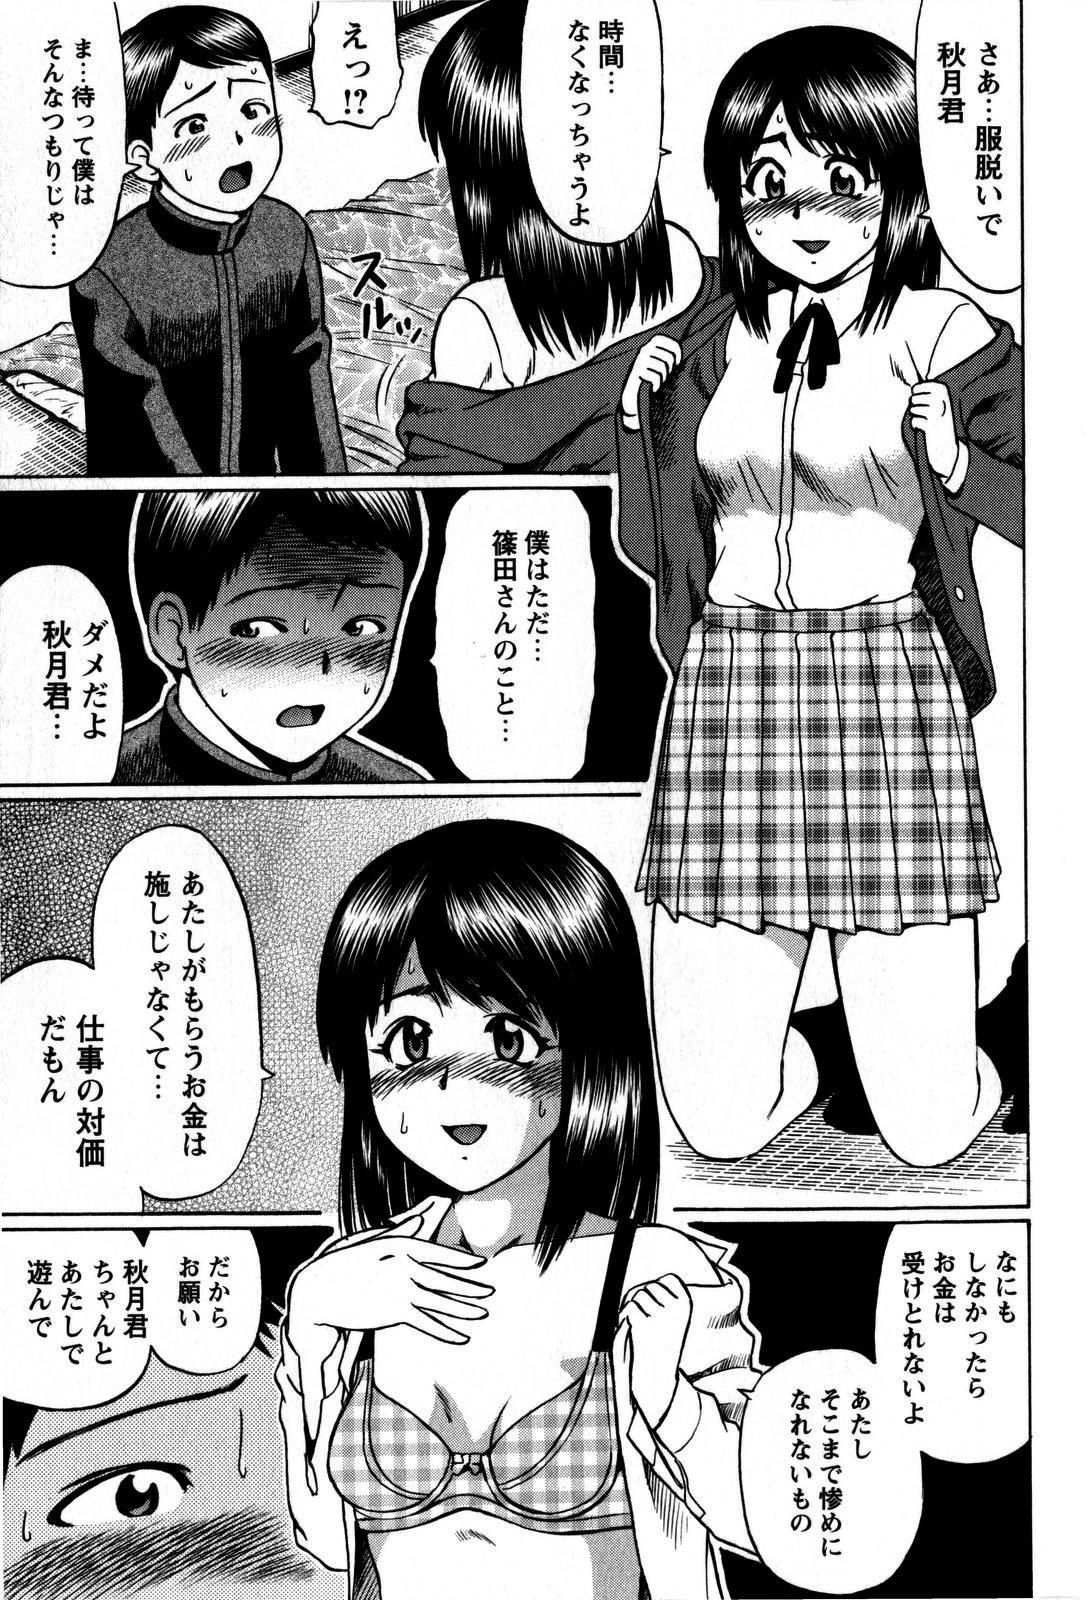 Comic Masyo 2009-06 26